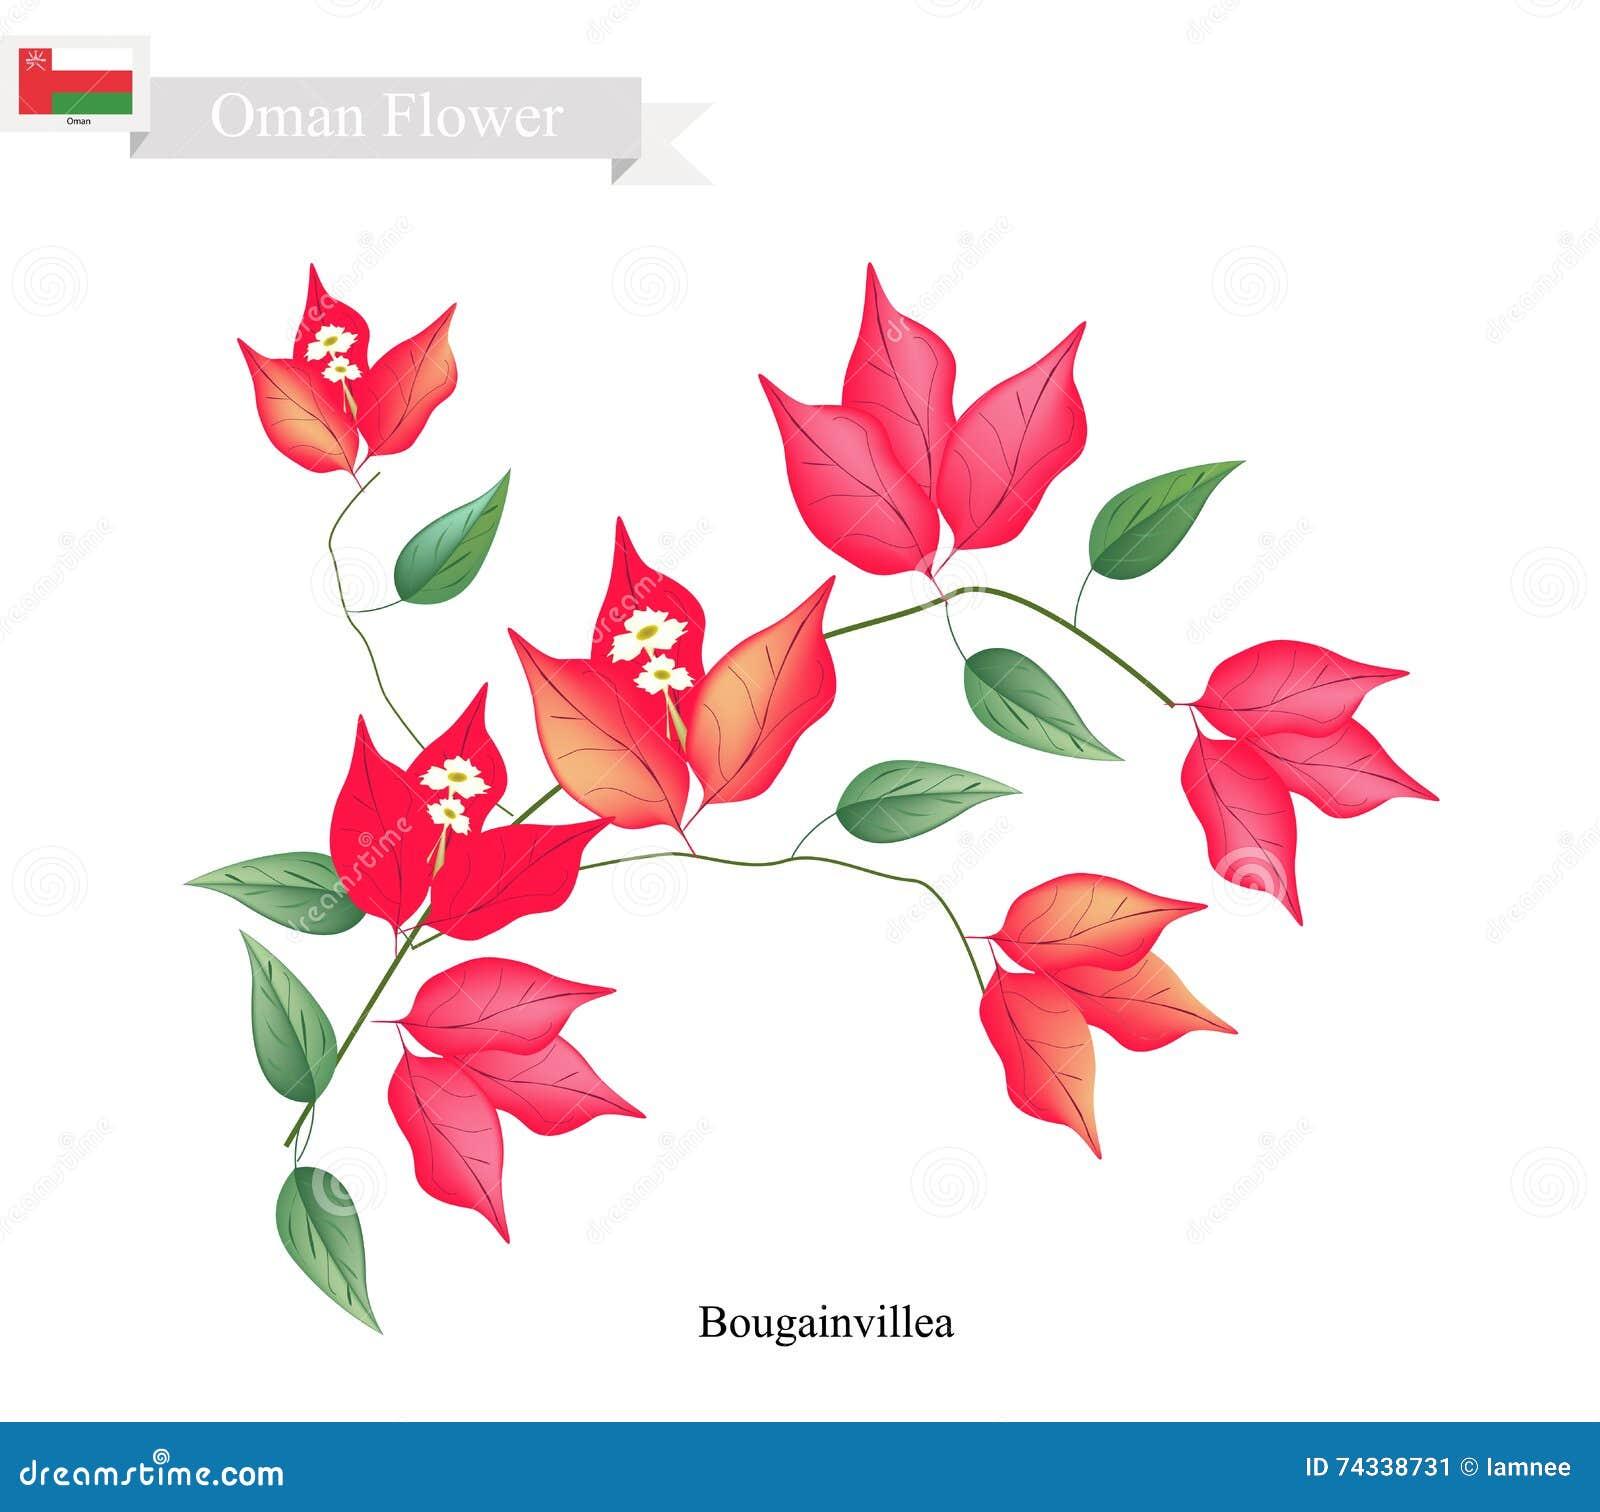 Flores rojas de la buganvilla, la flor nativa de Omán